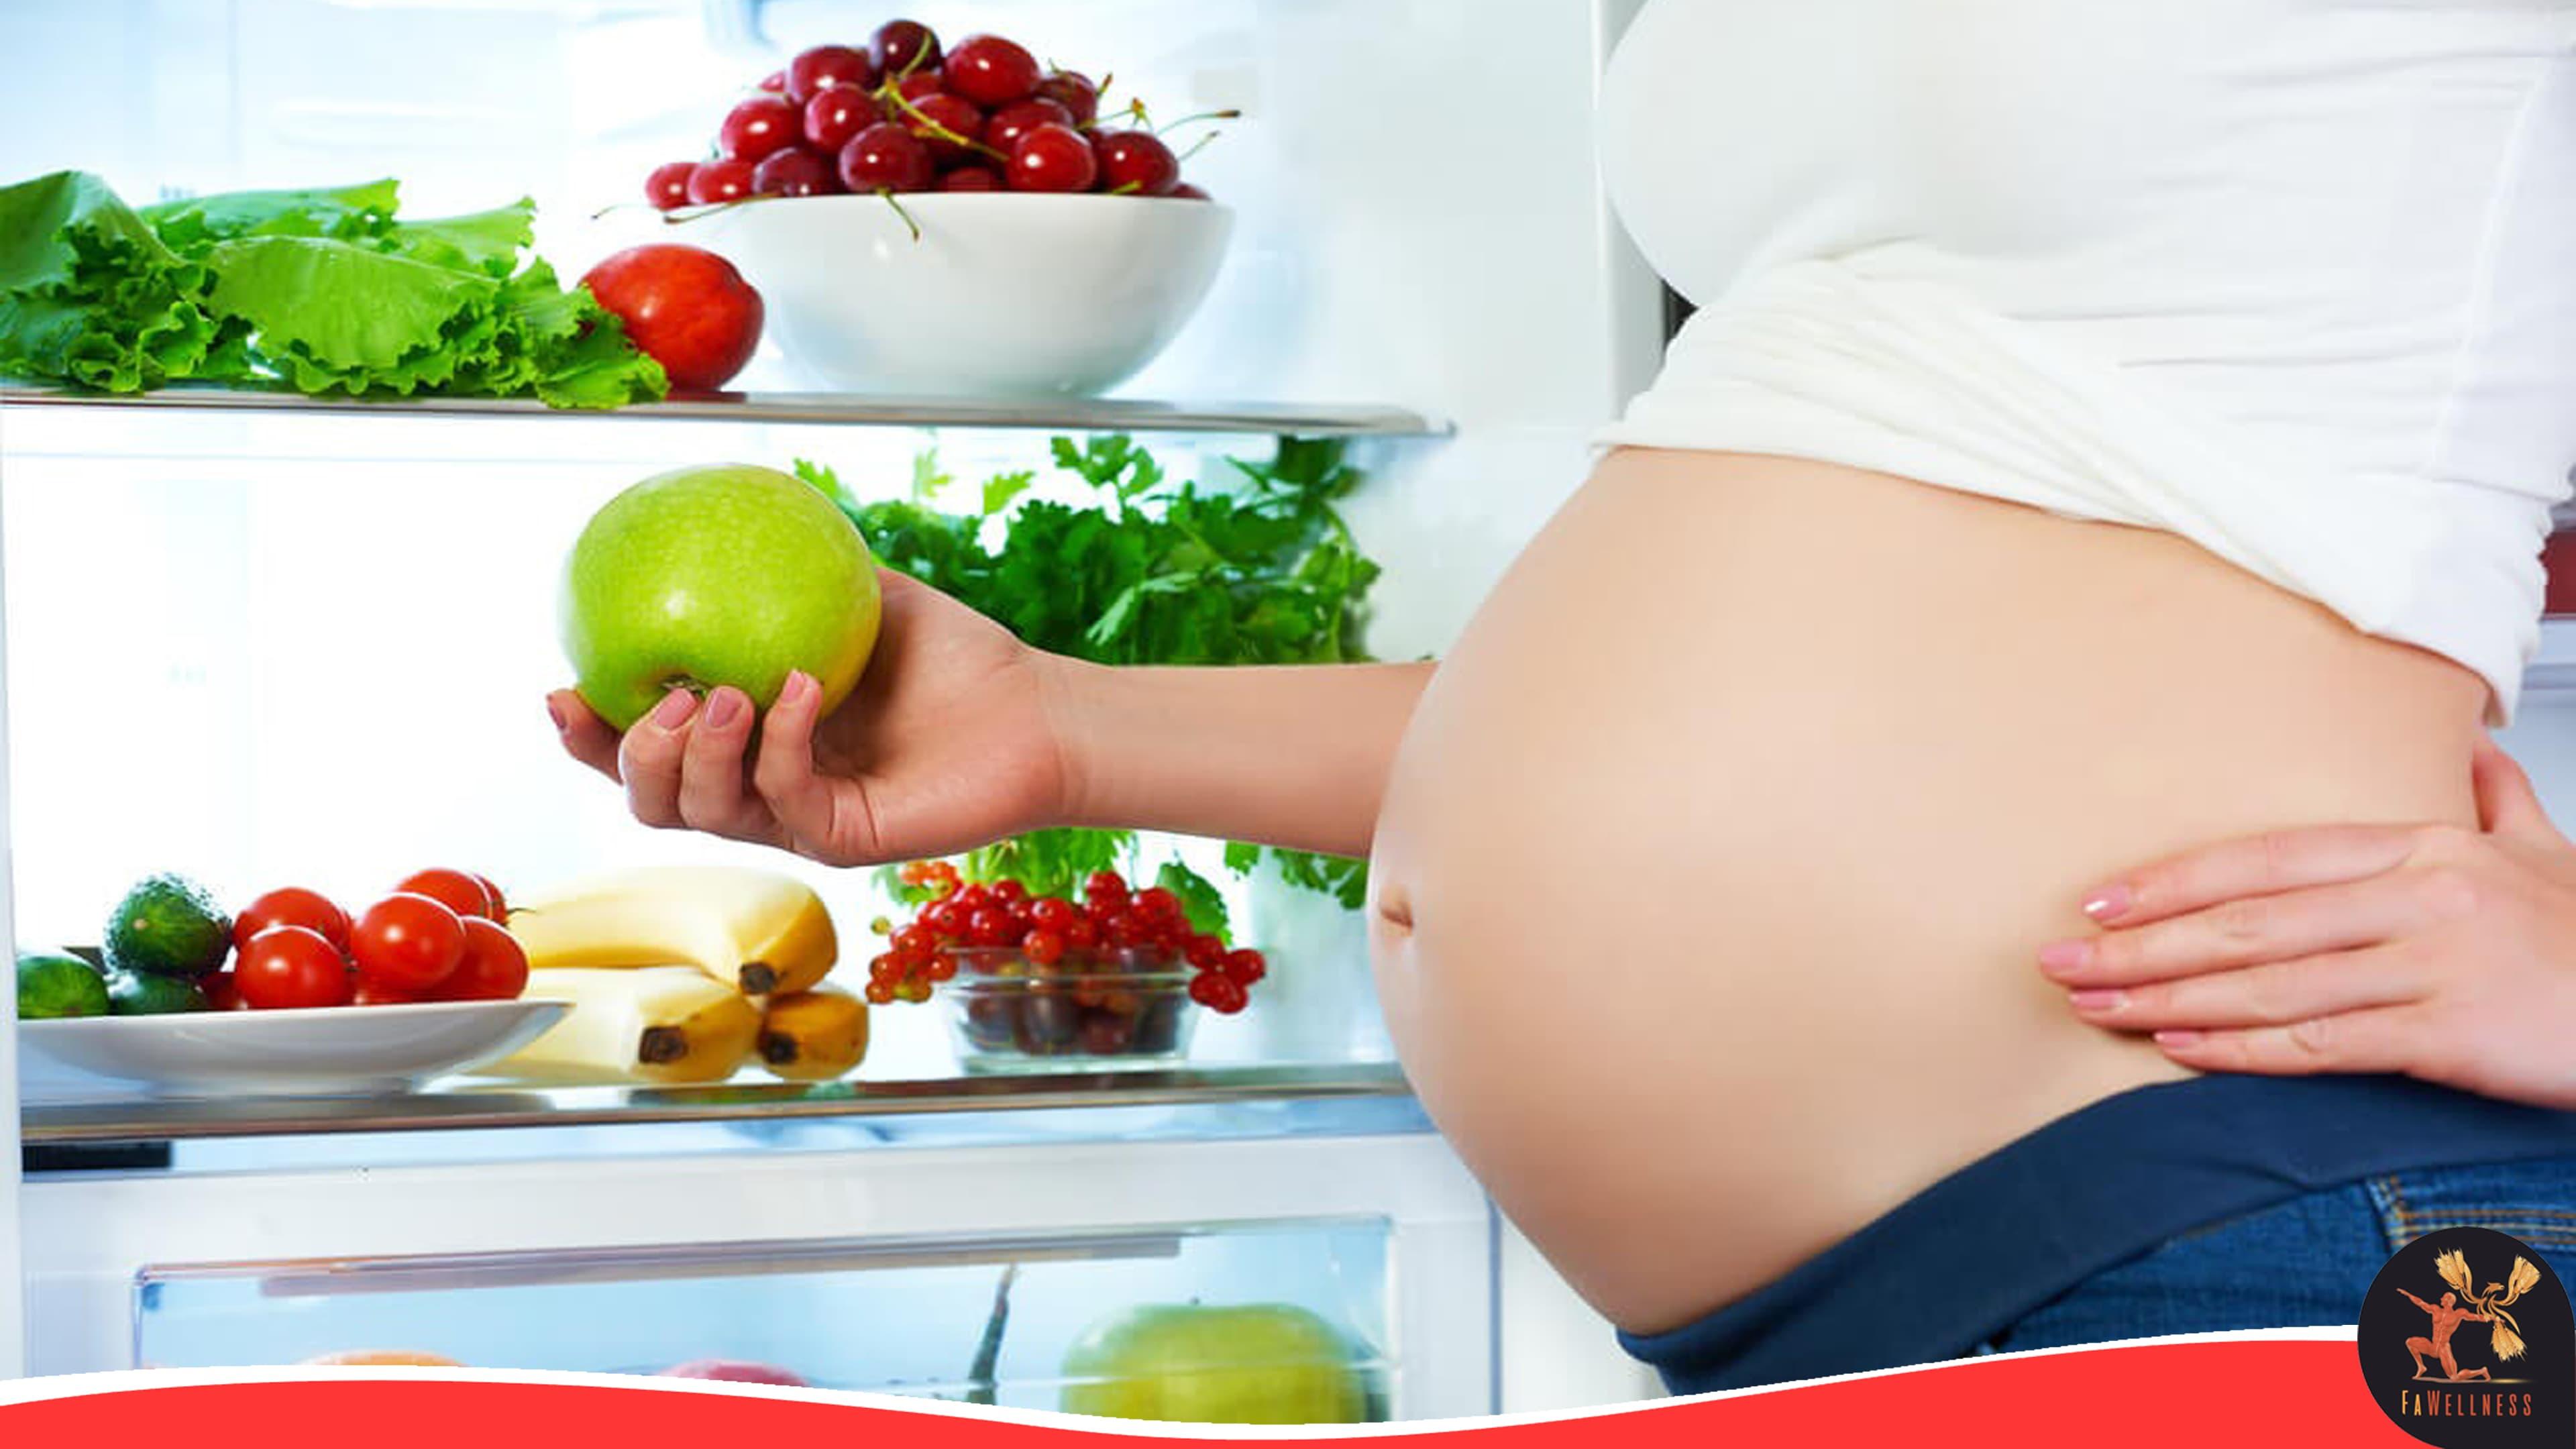 imagen blog FaWellness | Cómo conseguir una alimentación saludable durante el embarazo